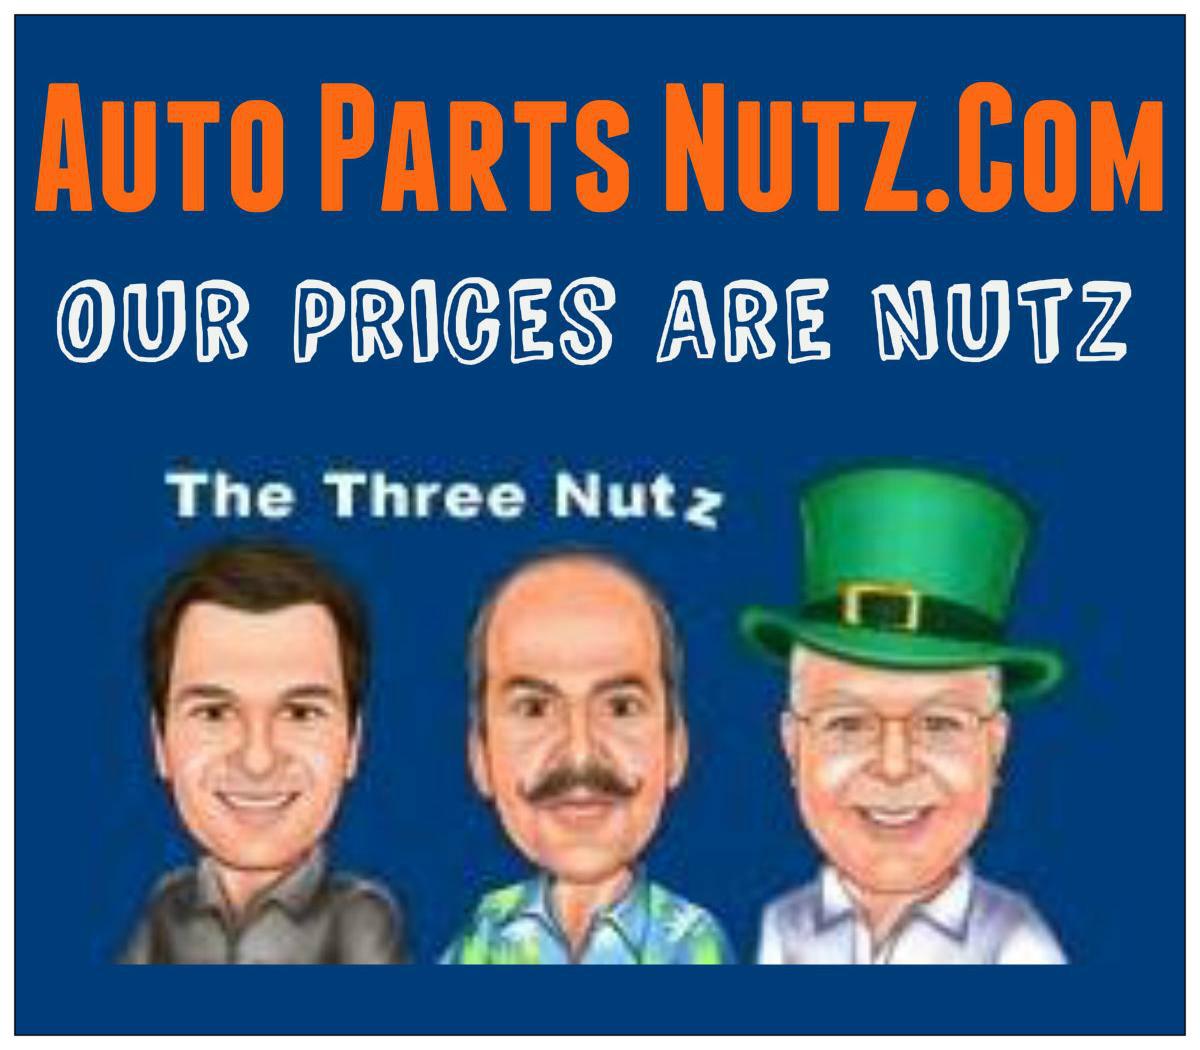 Auto Parts Nutz.Com